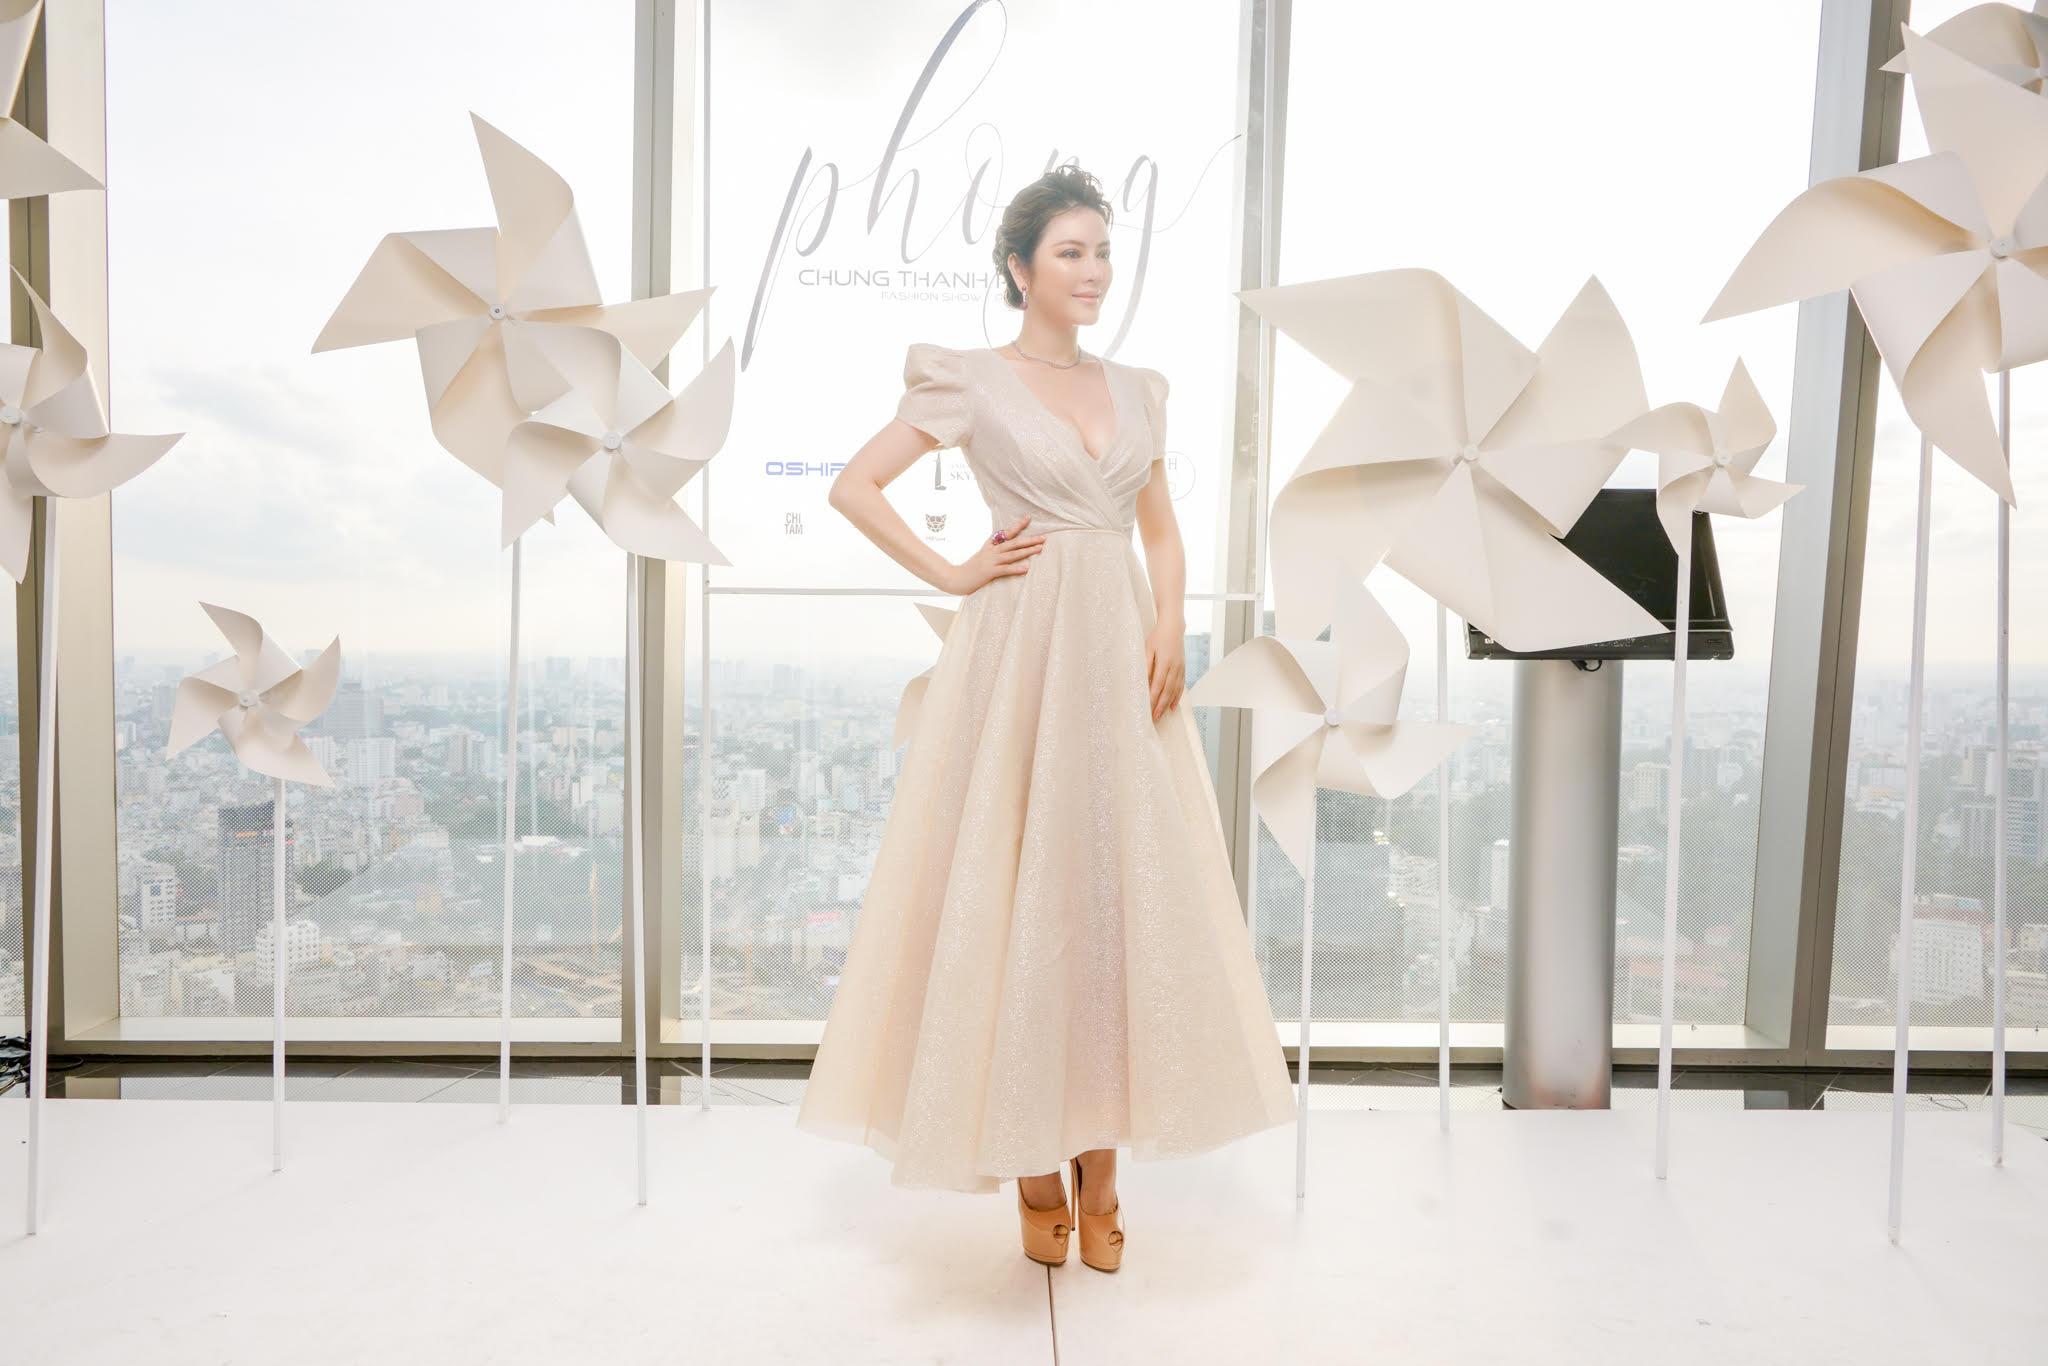 Lý Nhã Kỳ diện váy xẻ ngực quyến rũ dự show thời trang của NTK Chung Thanh Phong 1